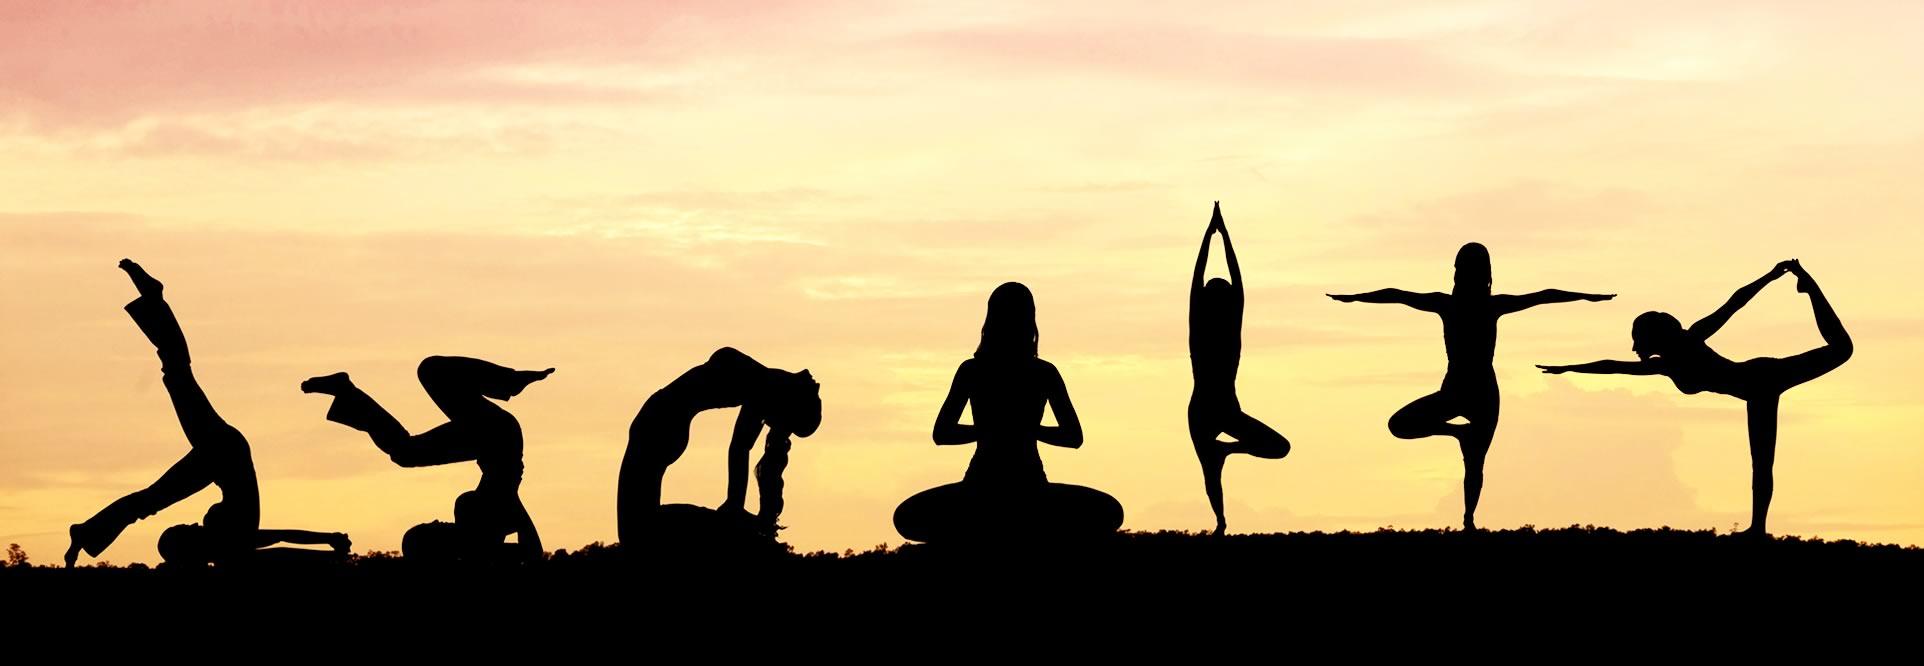 Yoga Lagord cours yoga Lagord professeur yoga Lagord cours à domicile yoga Lagord